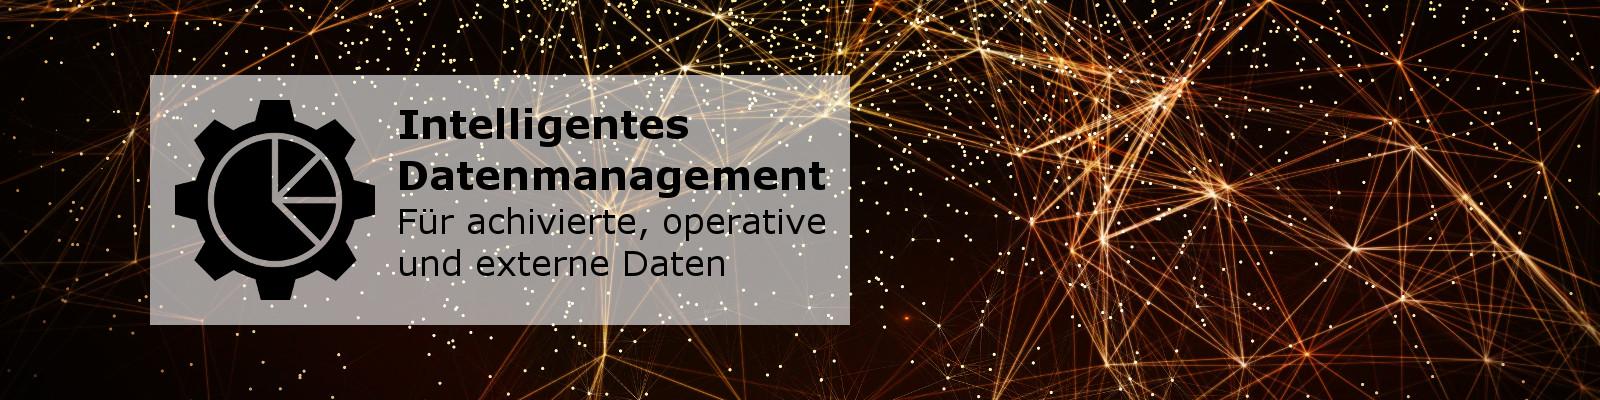 Datenmanagement_Banner